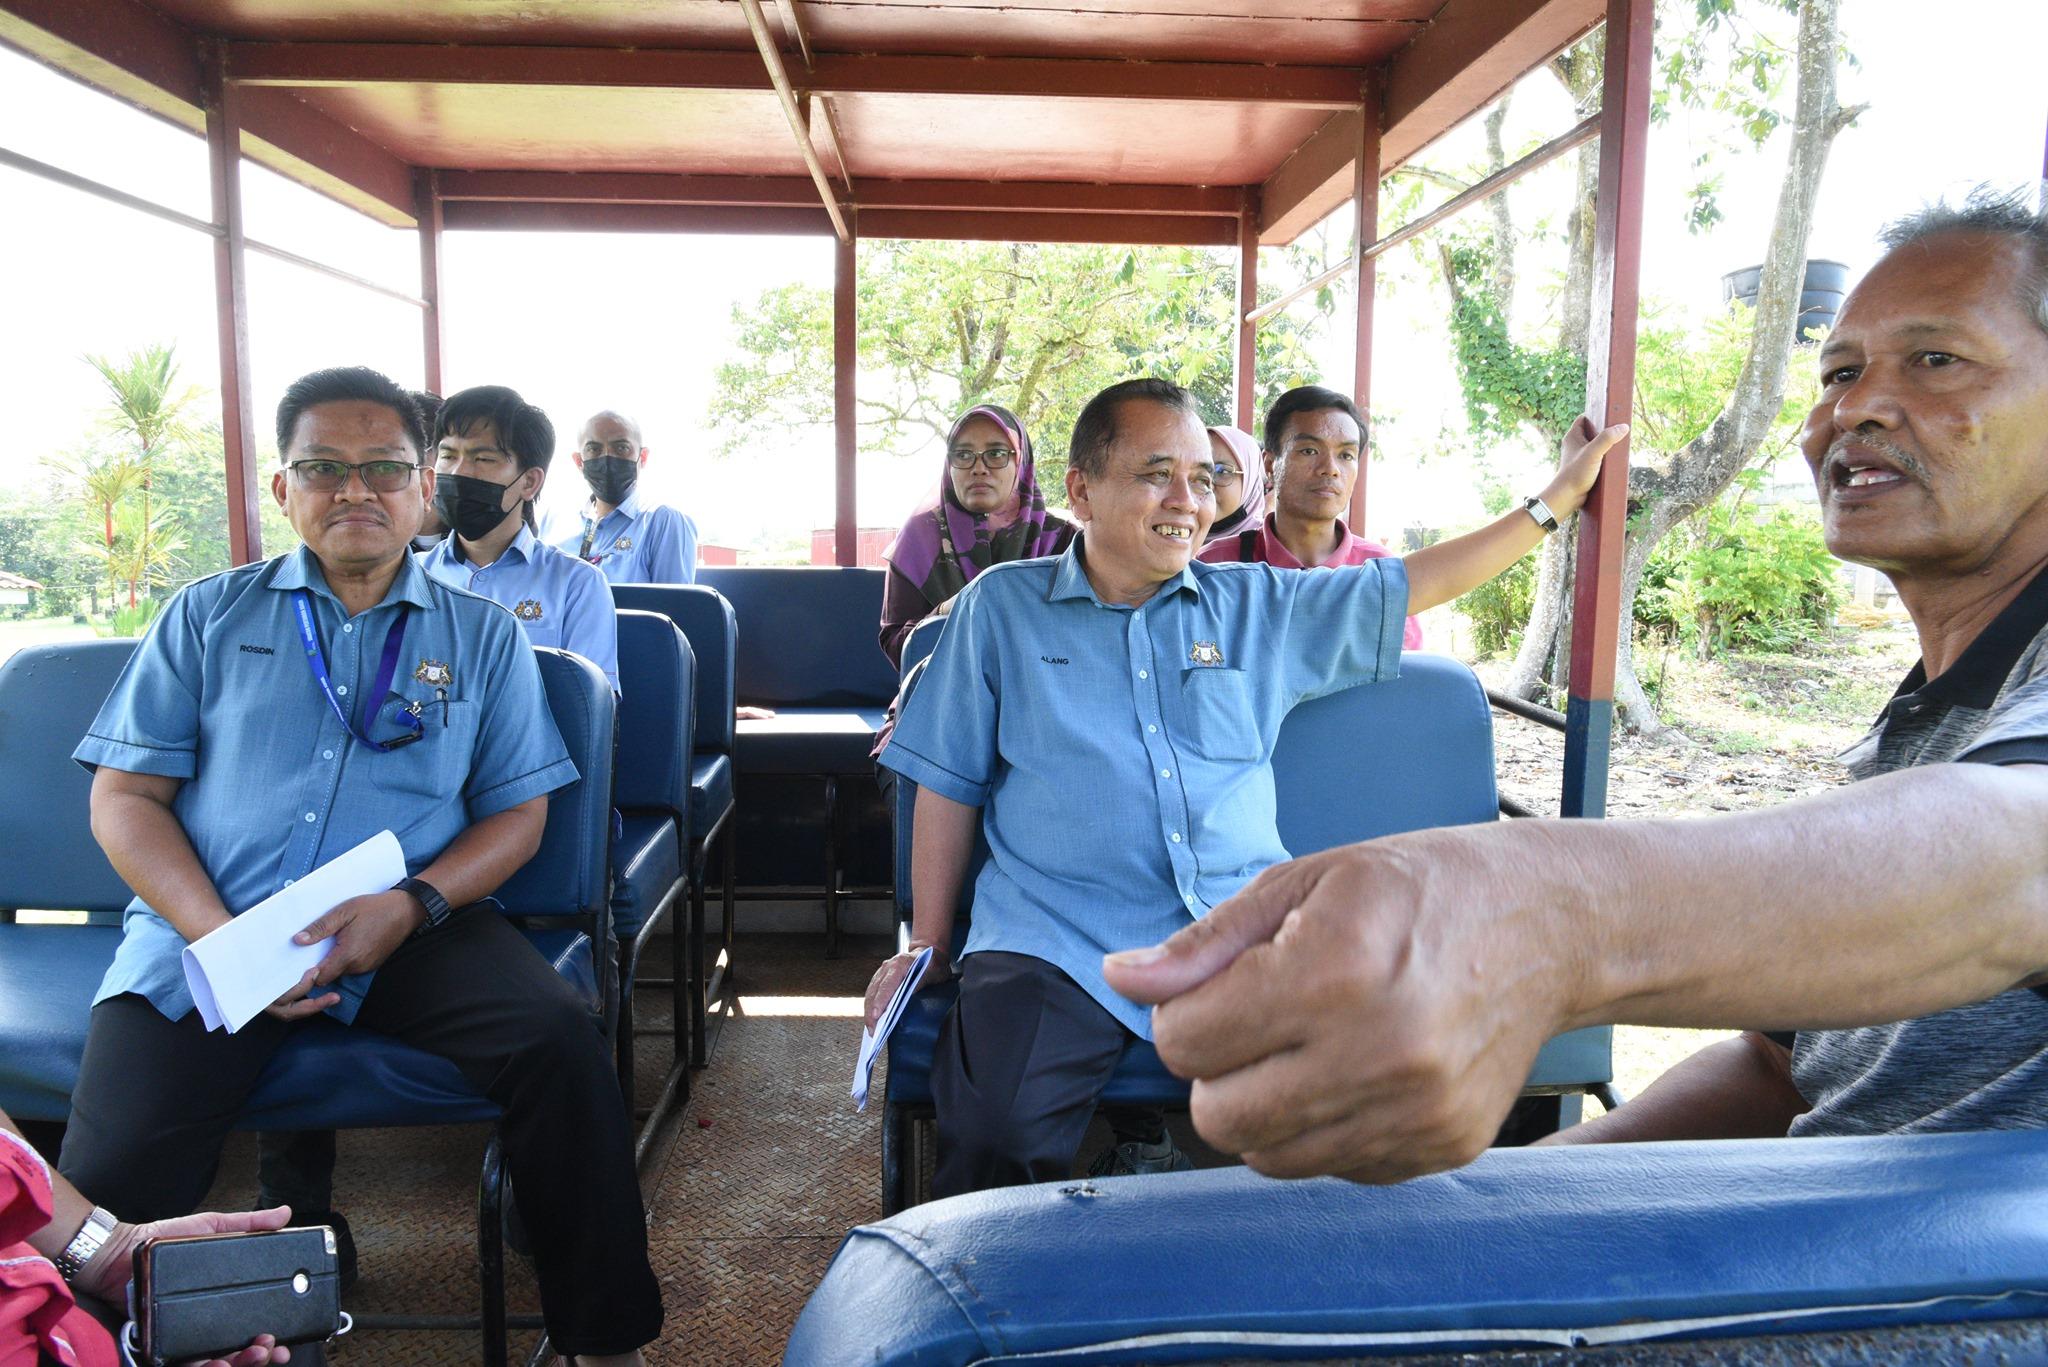 Tinjauan Kerja Pengarah Pertanian Negeri Johor ke Taman Pertanian Johor